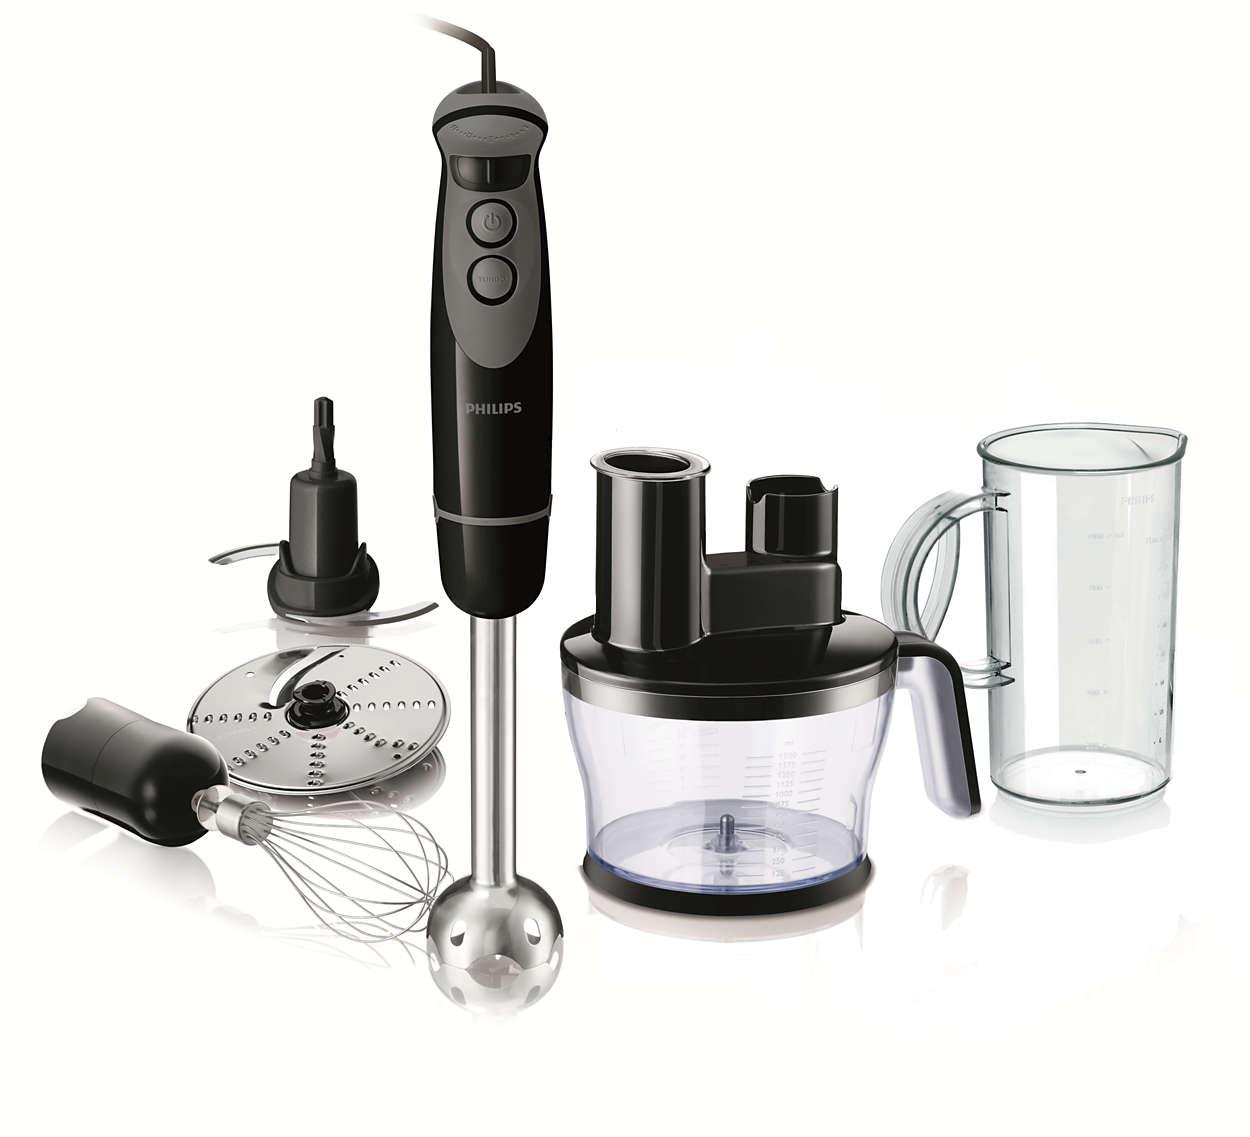 Savuraţi mâncarea şi băuturile preparate în casă în orice zi